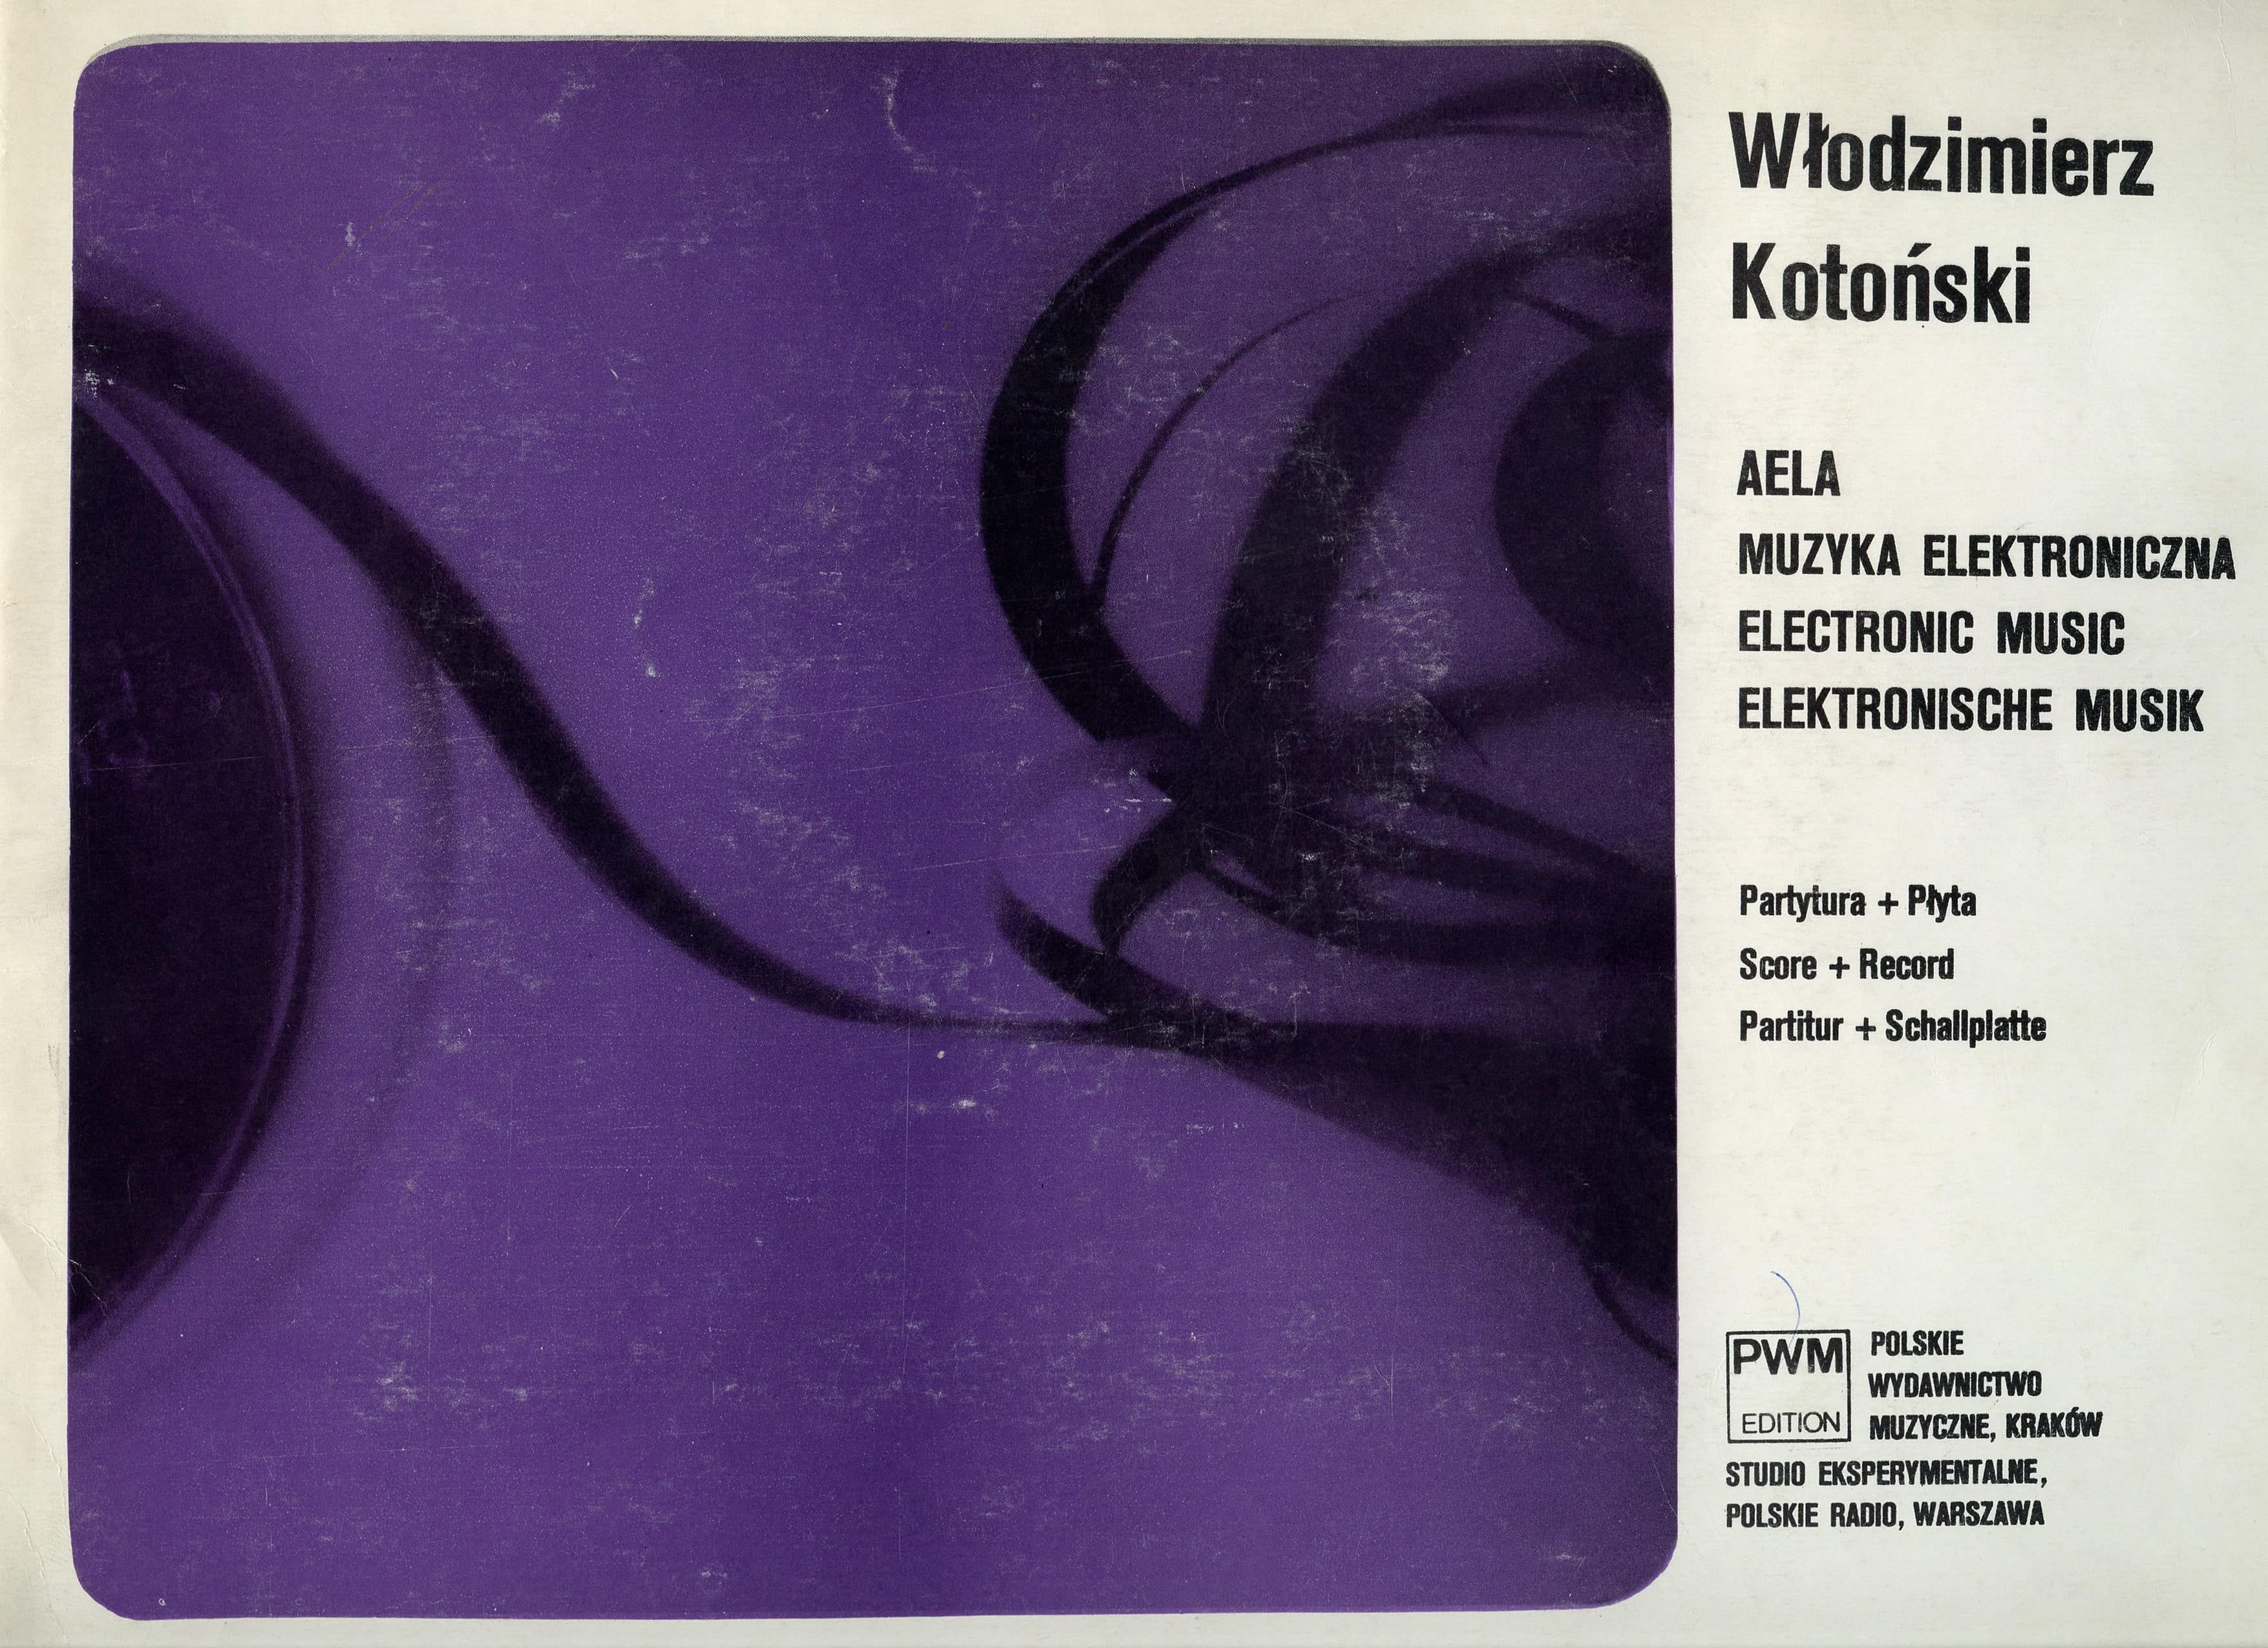 Włodzimierz Kotoński, AELA, okładka publikacji partytury, 1970, Polskie Wydawnictwo Muzyczne (źródło: materiały rasowe organizatora)